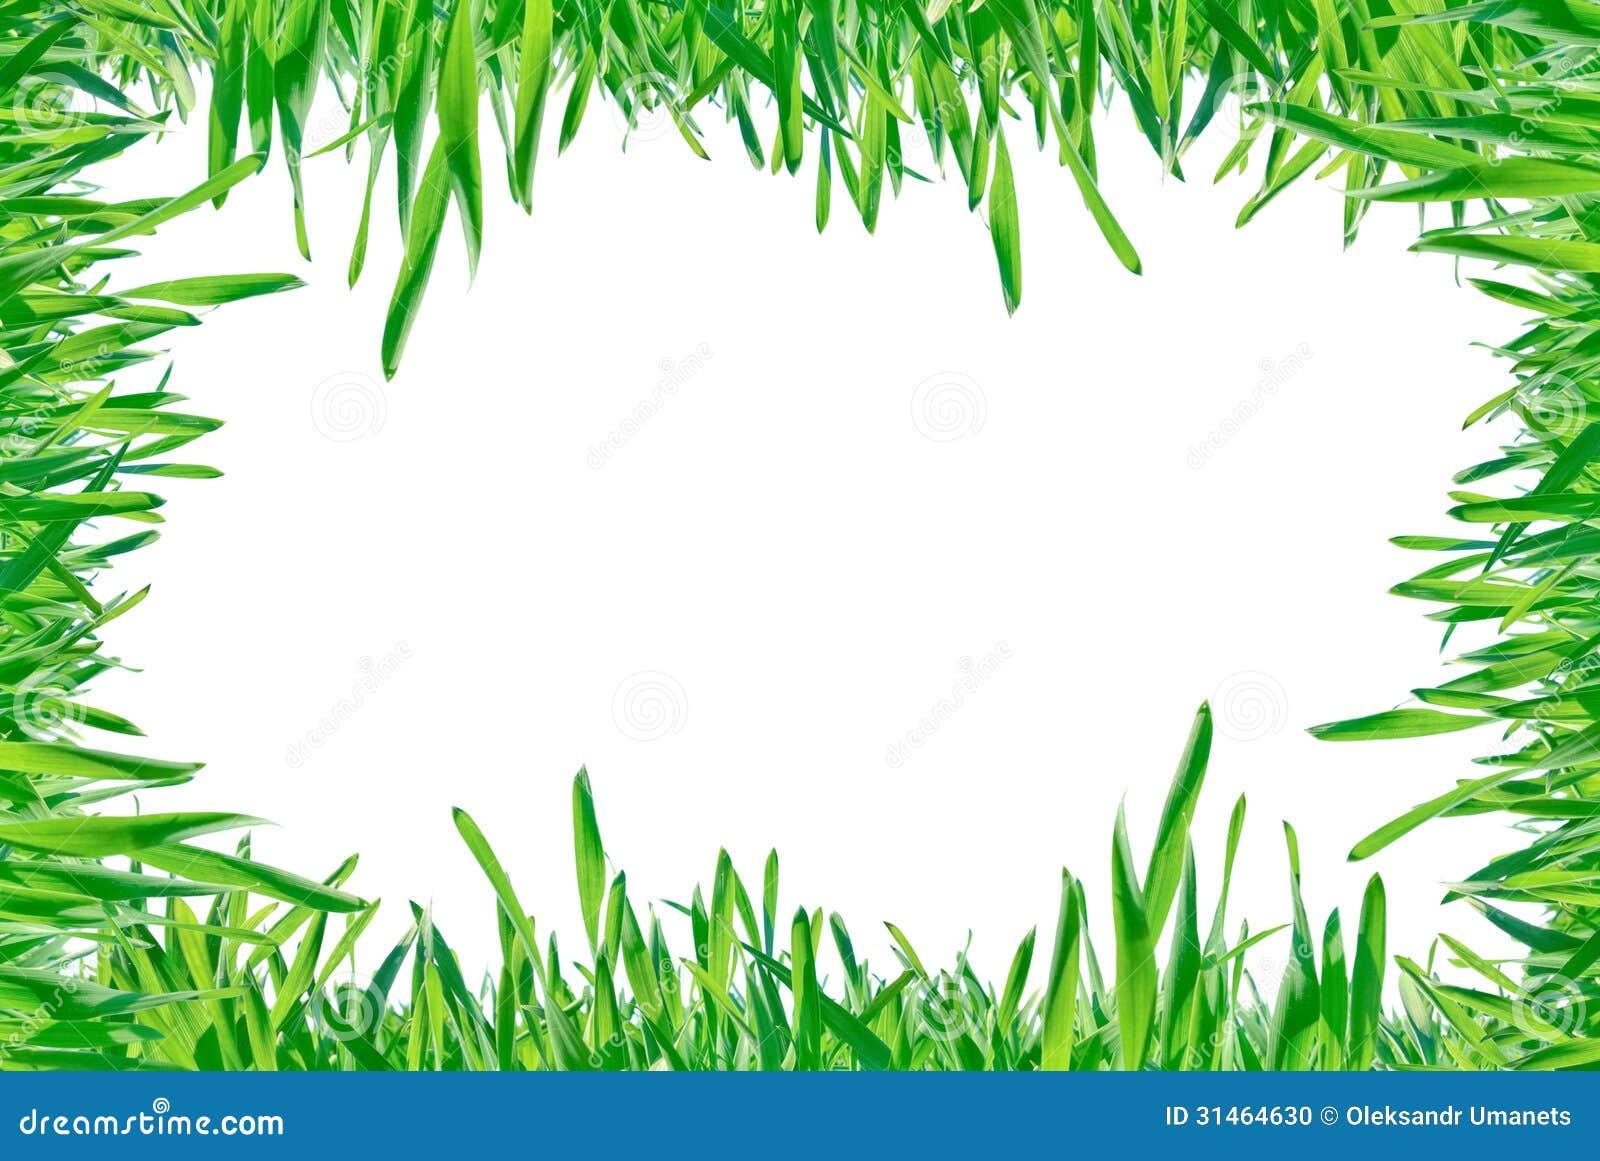 Feld des grünen Grases lokalisiert auf einem weißen Hintergrund.